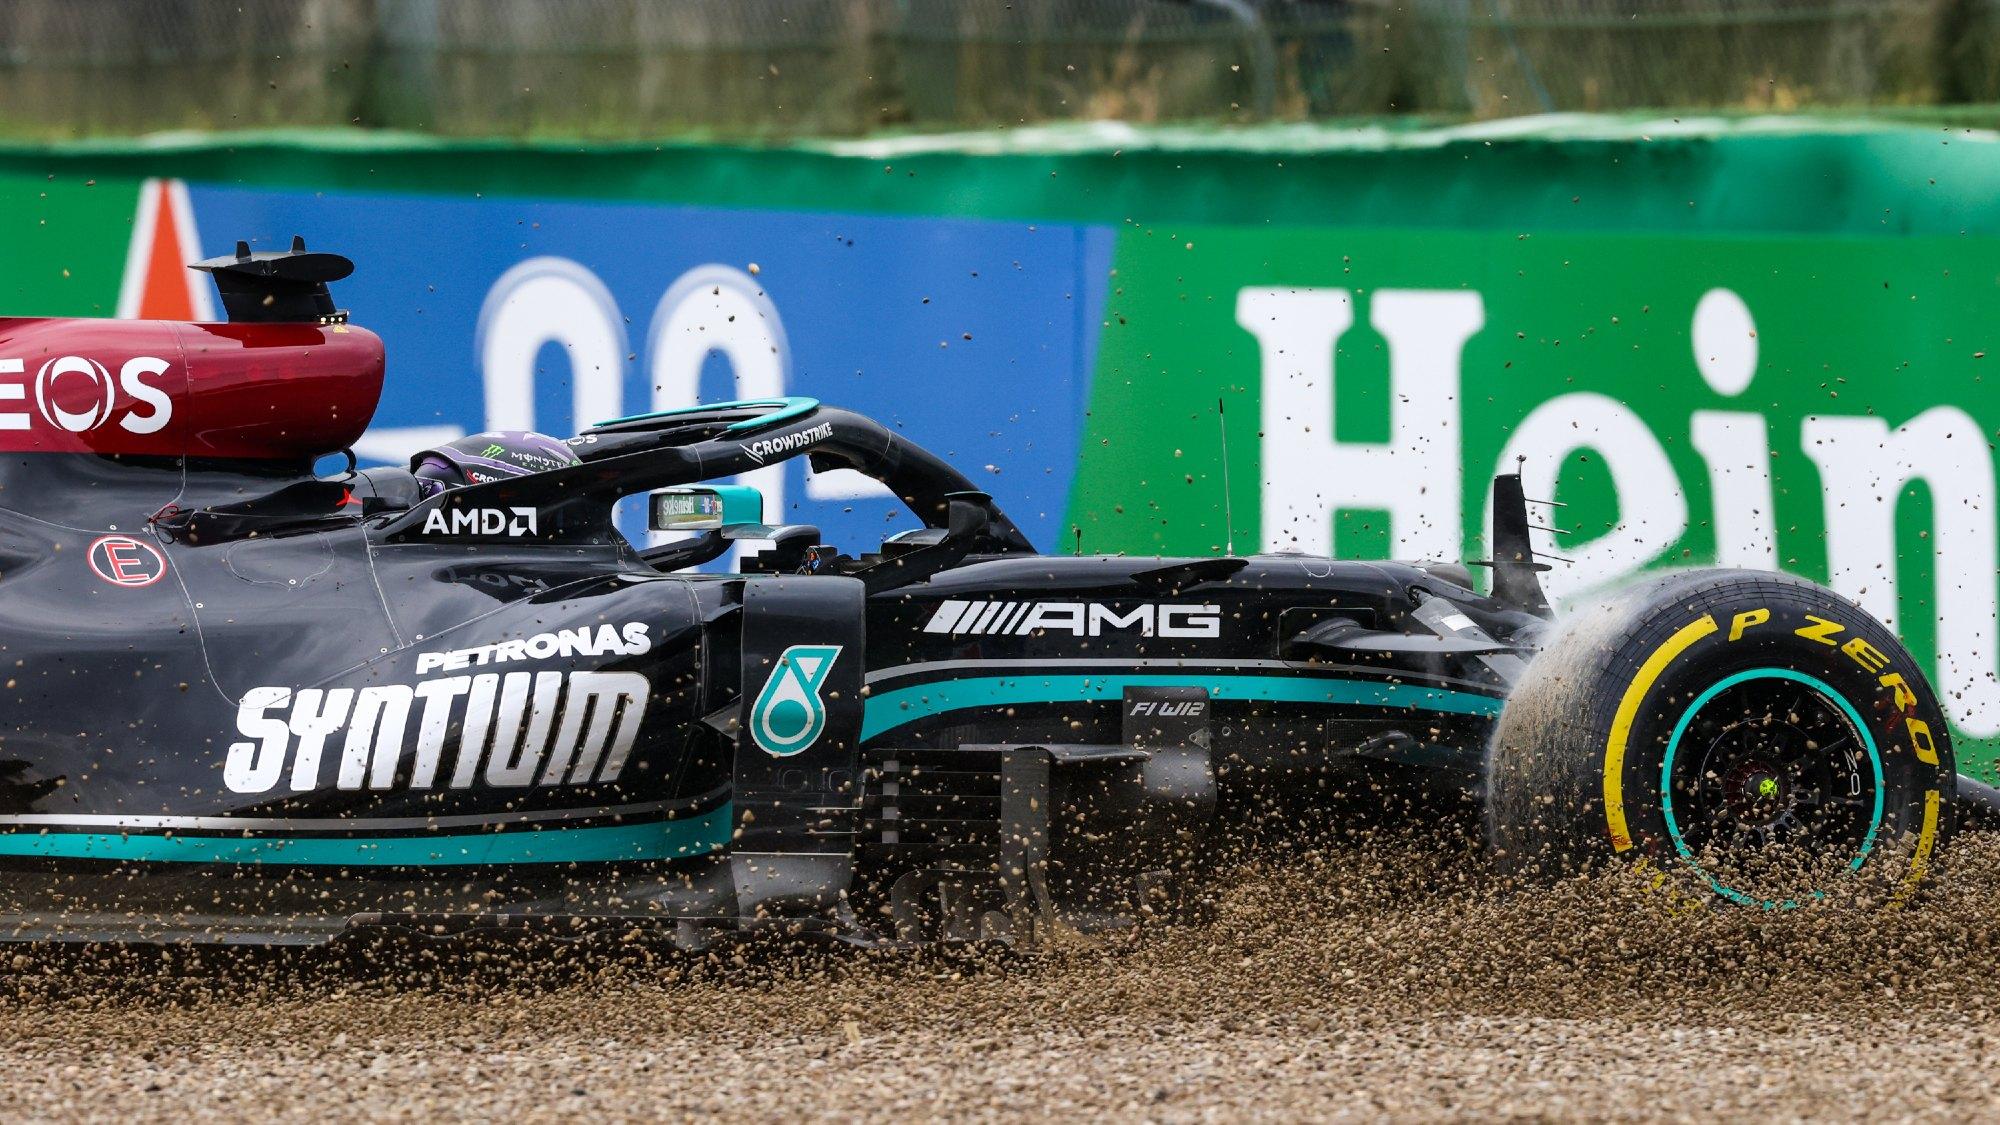 Lewis Hamilton, Imola GP 2021